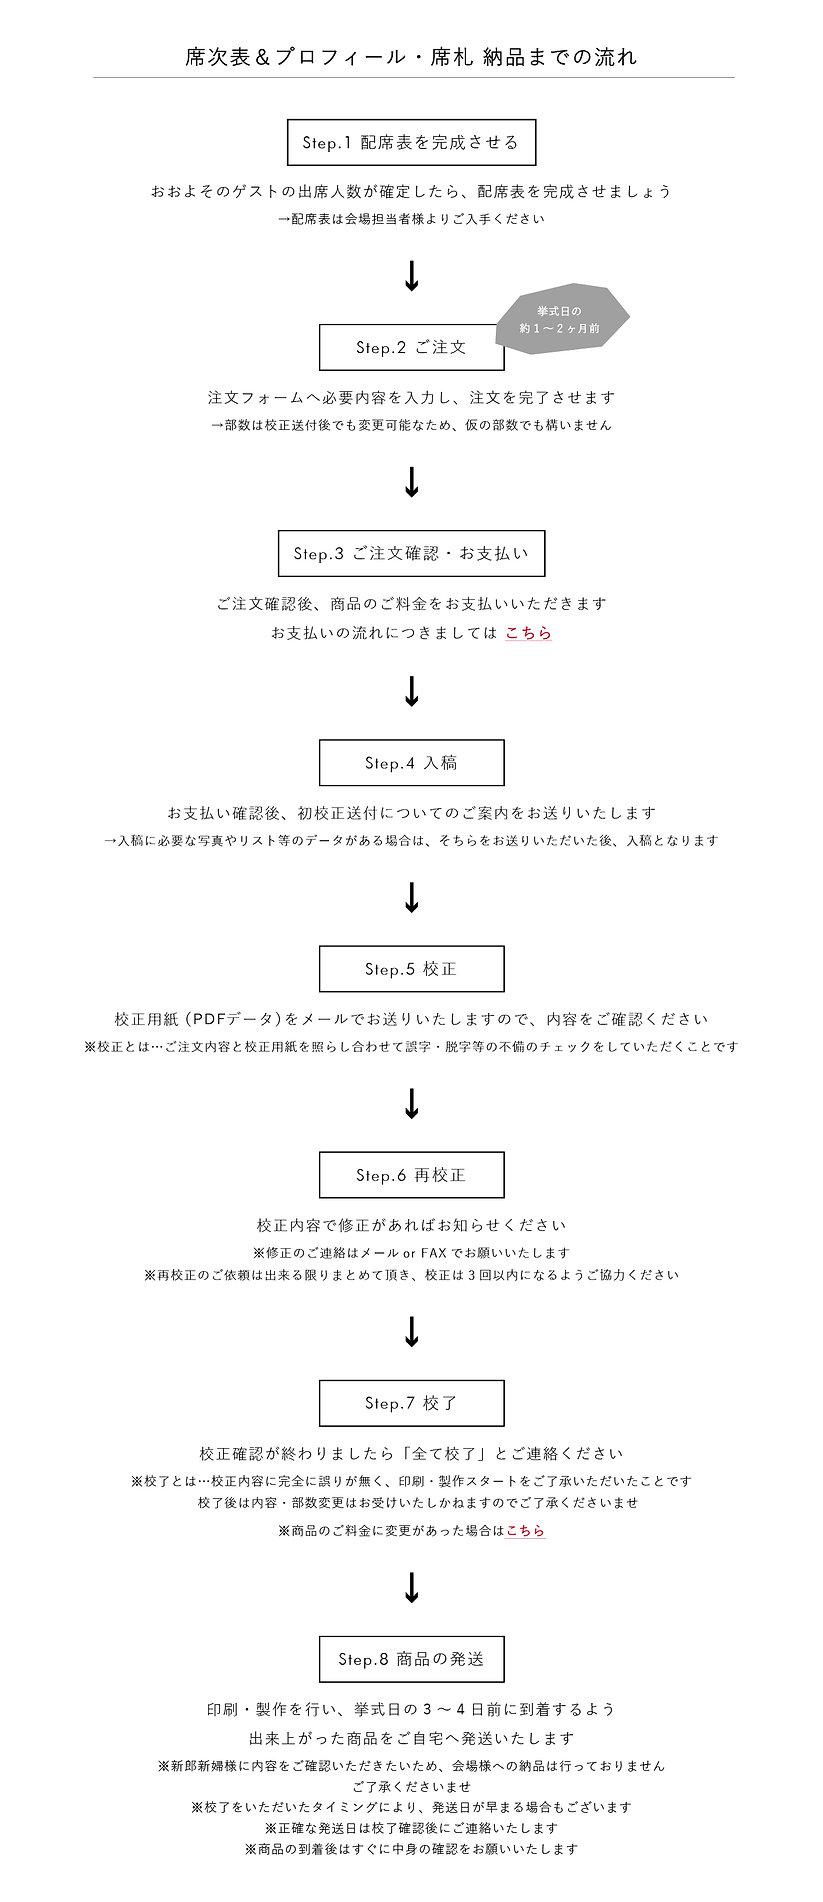 HP-オーダーガイド②.jpg